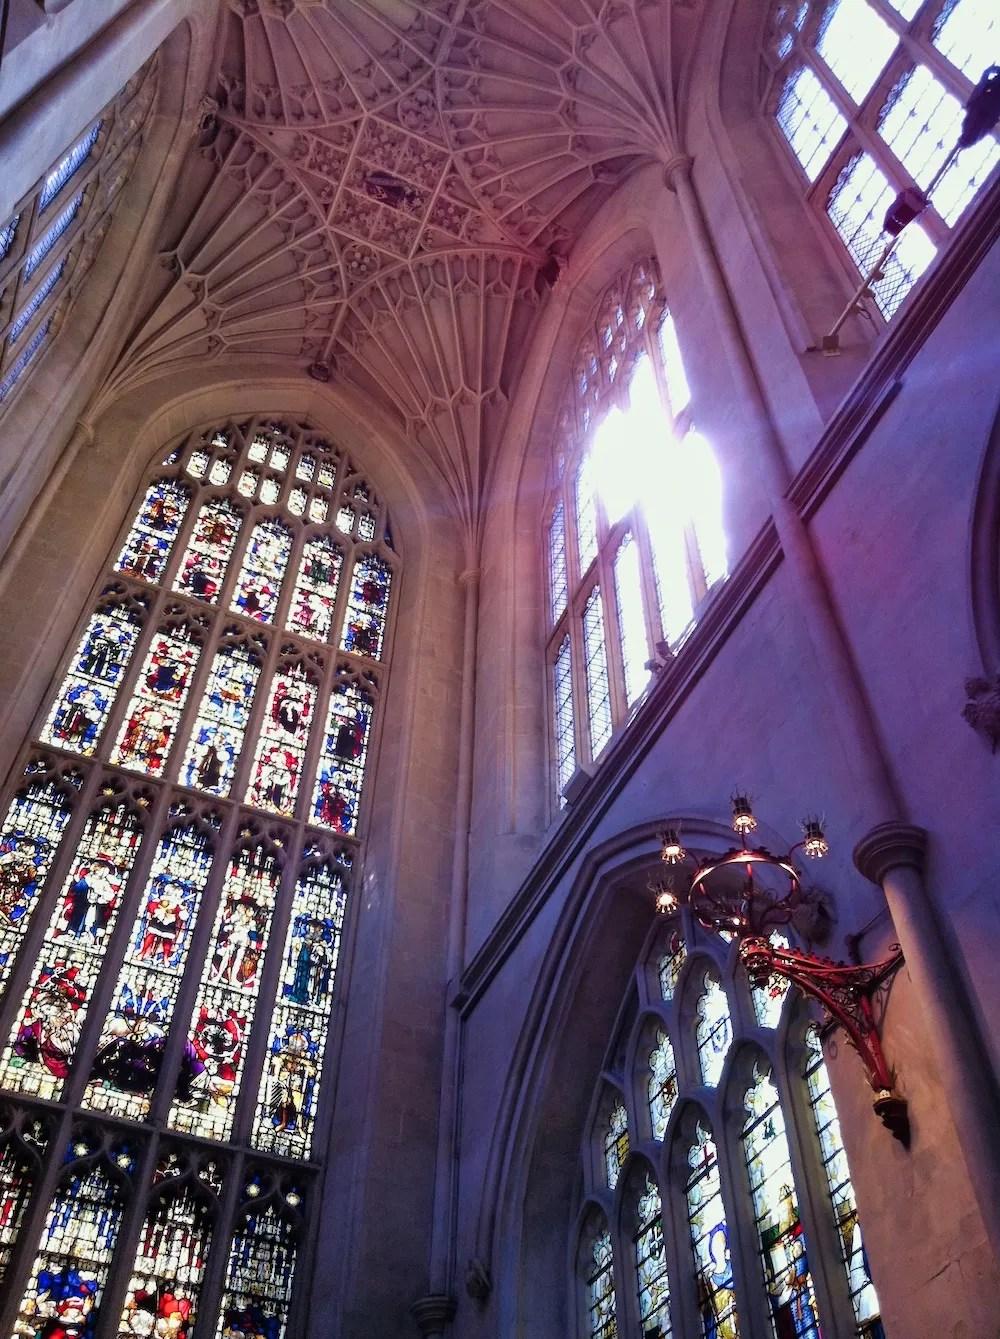 Bath Day Trip - Inside the Abbey